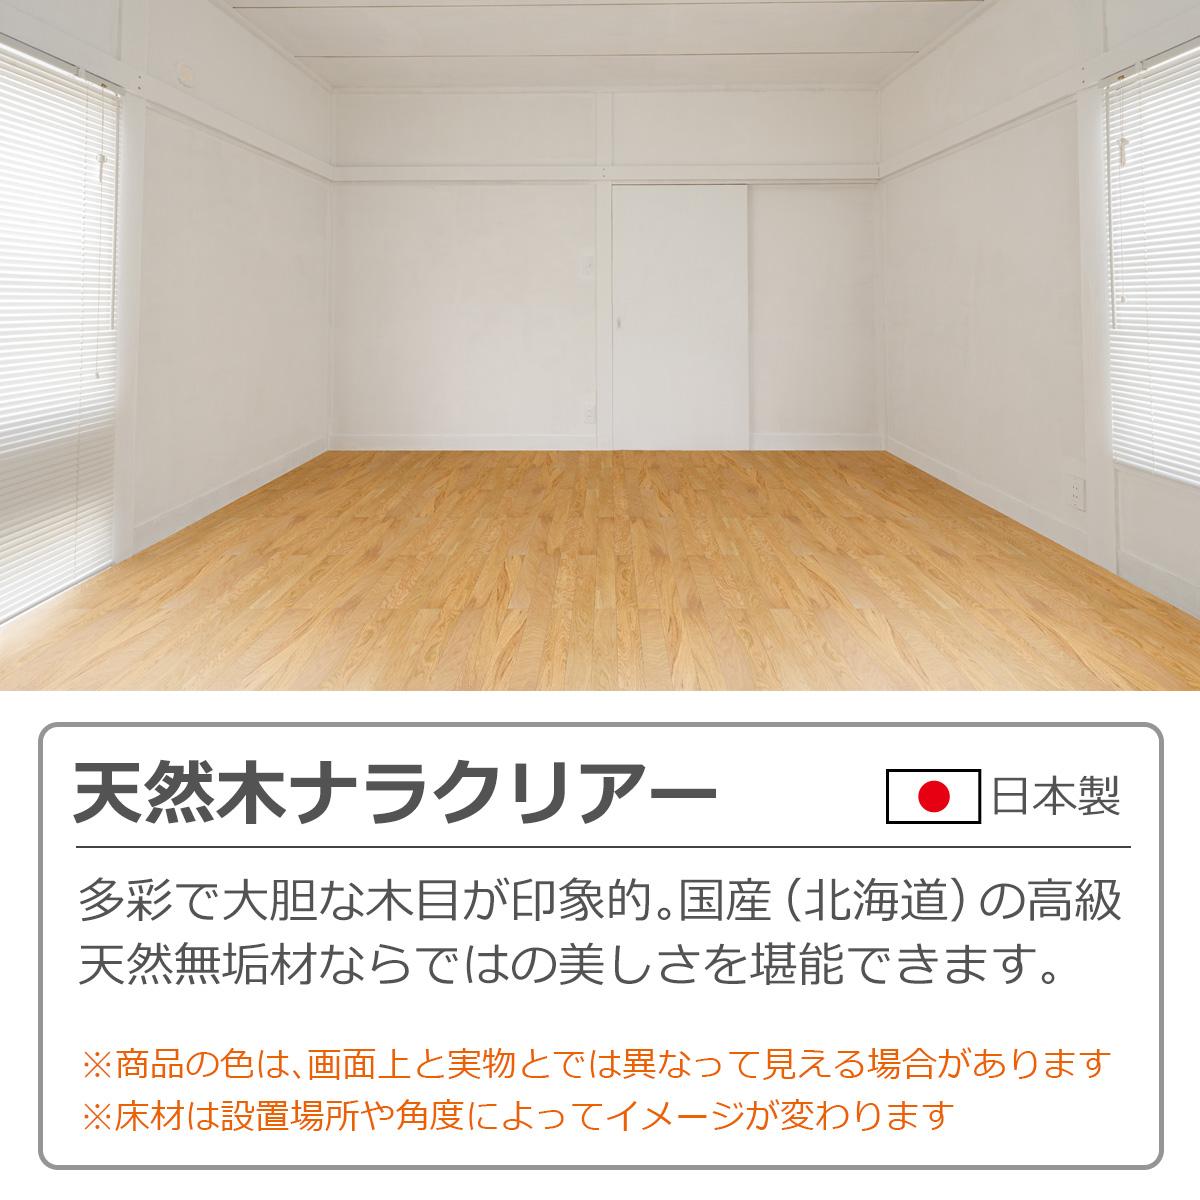 天然木ナラクリアー 日本製 多彩で大胆な木目が印象的。国産(北海道)の高級天然無垢材ならではの美しさを堪能できます ※商品の色は、画面上と実物とでは異なって見える場合があります ※床材は設置場所や角度によってイメージが変わります